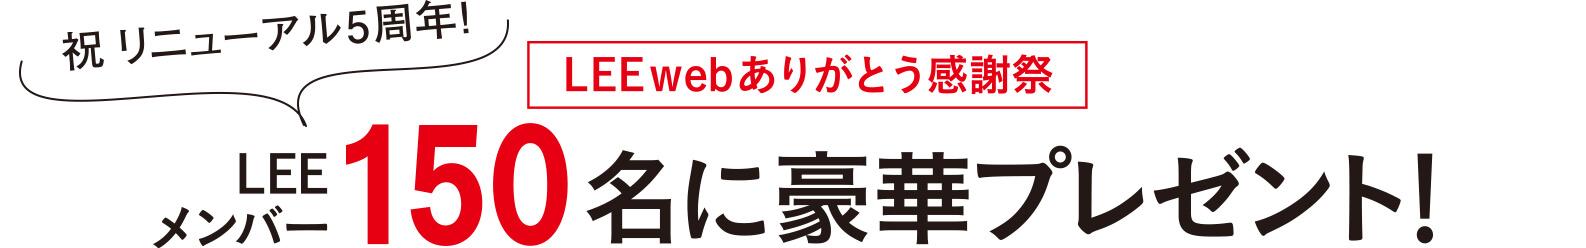 祝 リニューアル5周年! LEEwebありがとう感謝祭 LEEメンバー150名に豪華プレゼント!